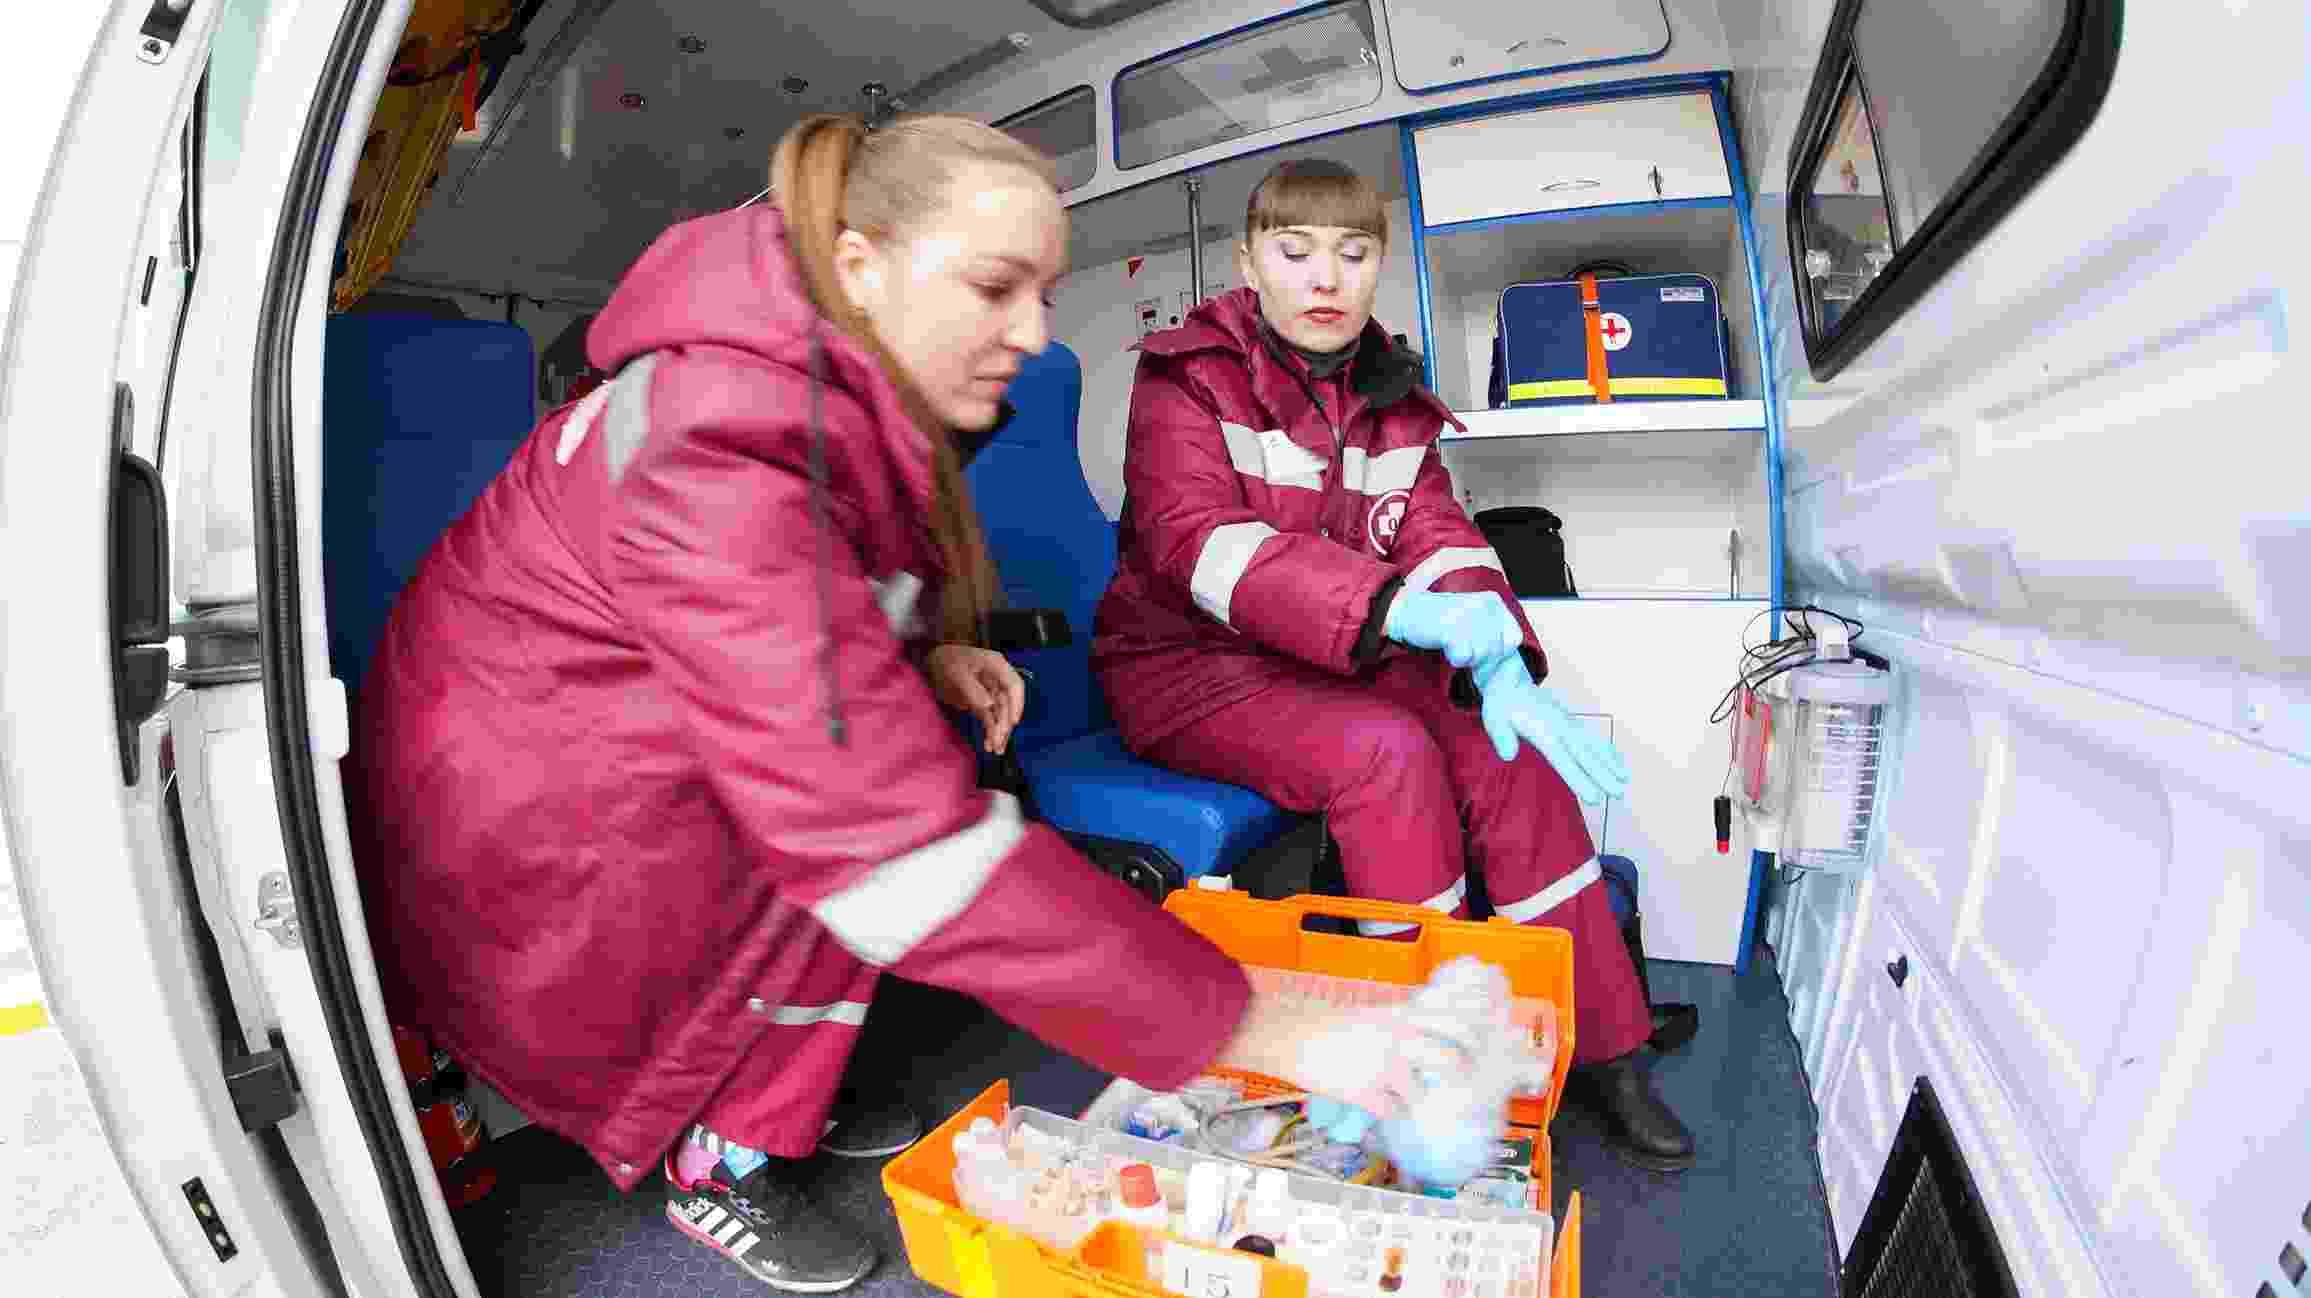 Работники скорой медицинской помощи Новороссийска отмечают профессиональный праздник